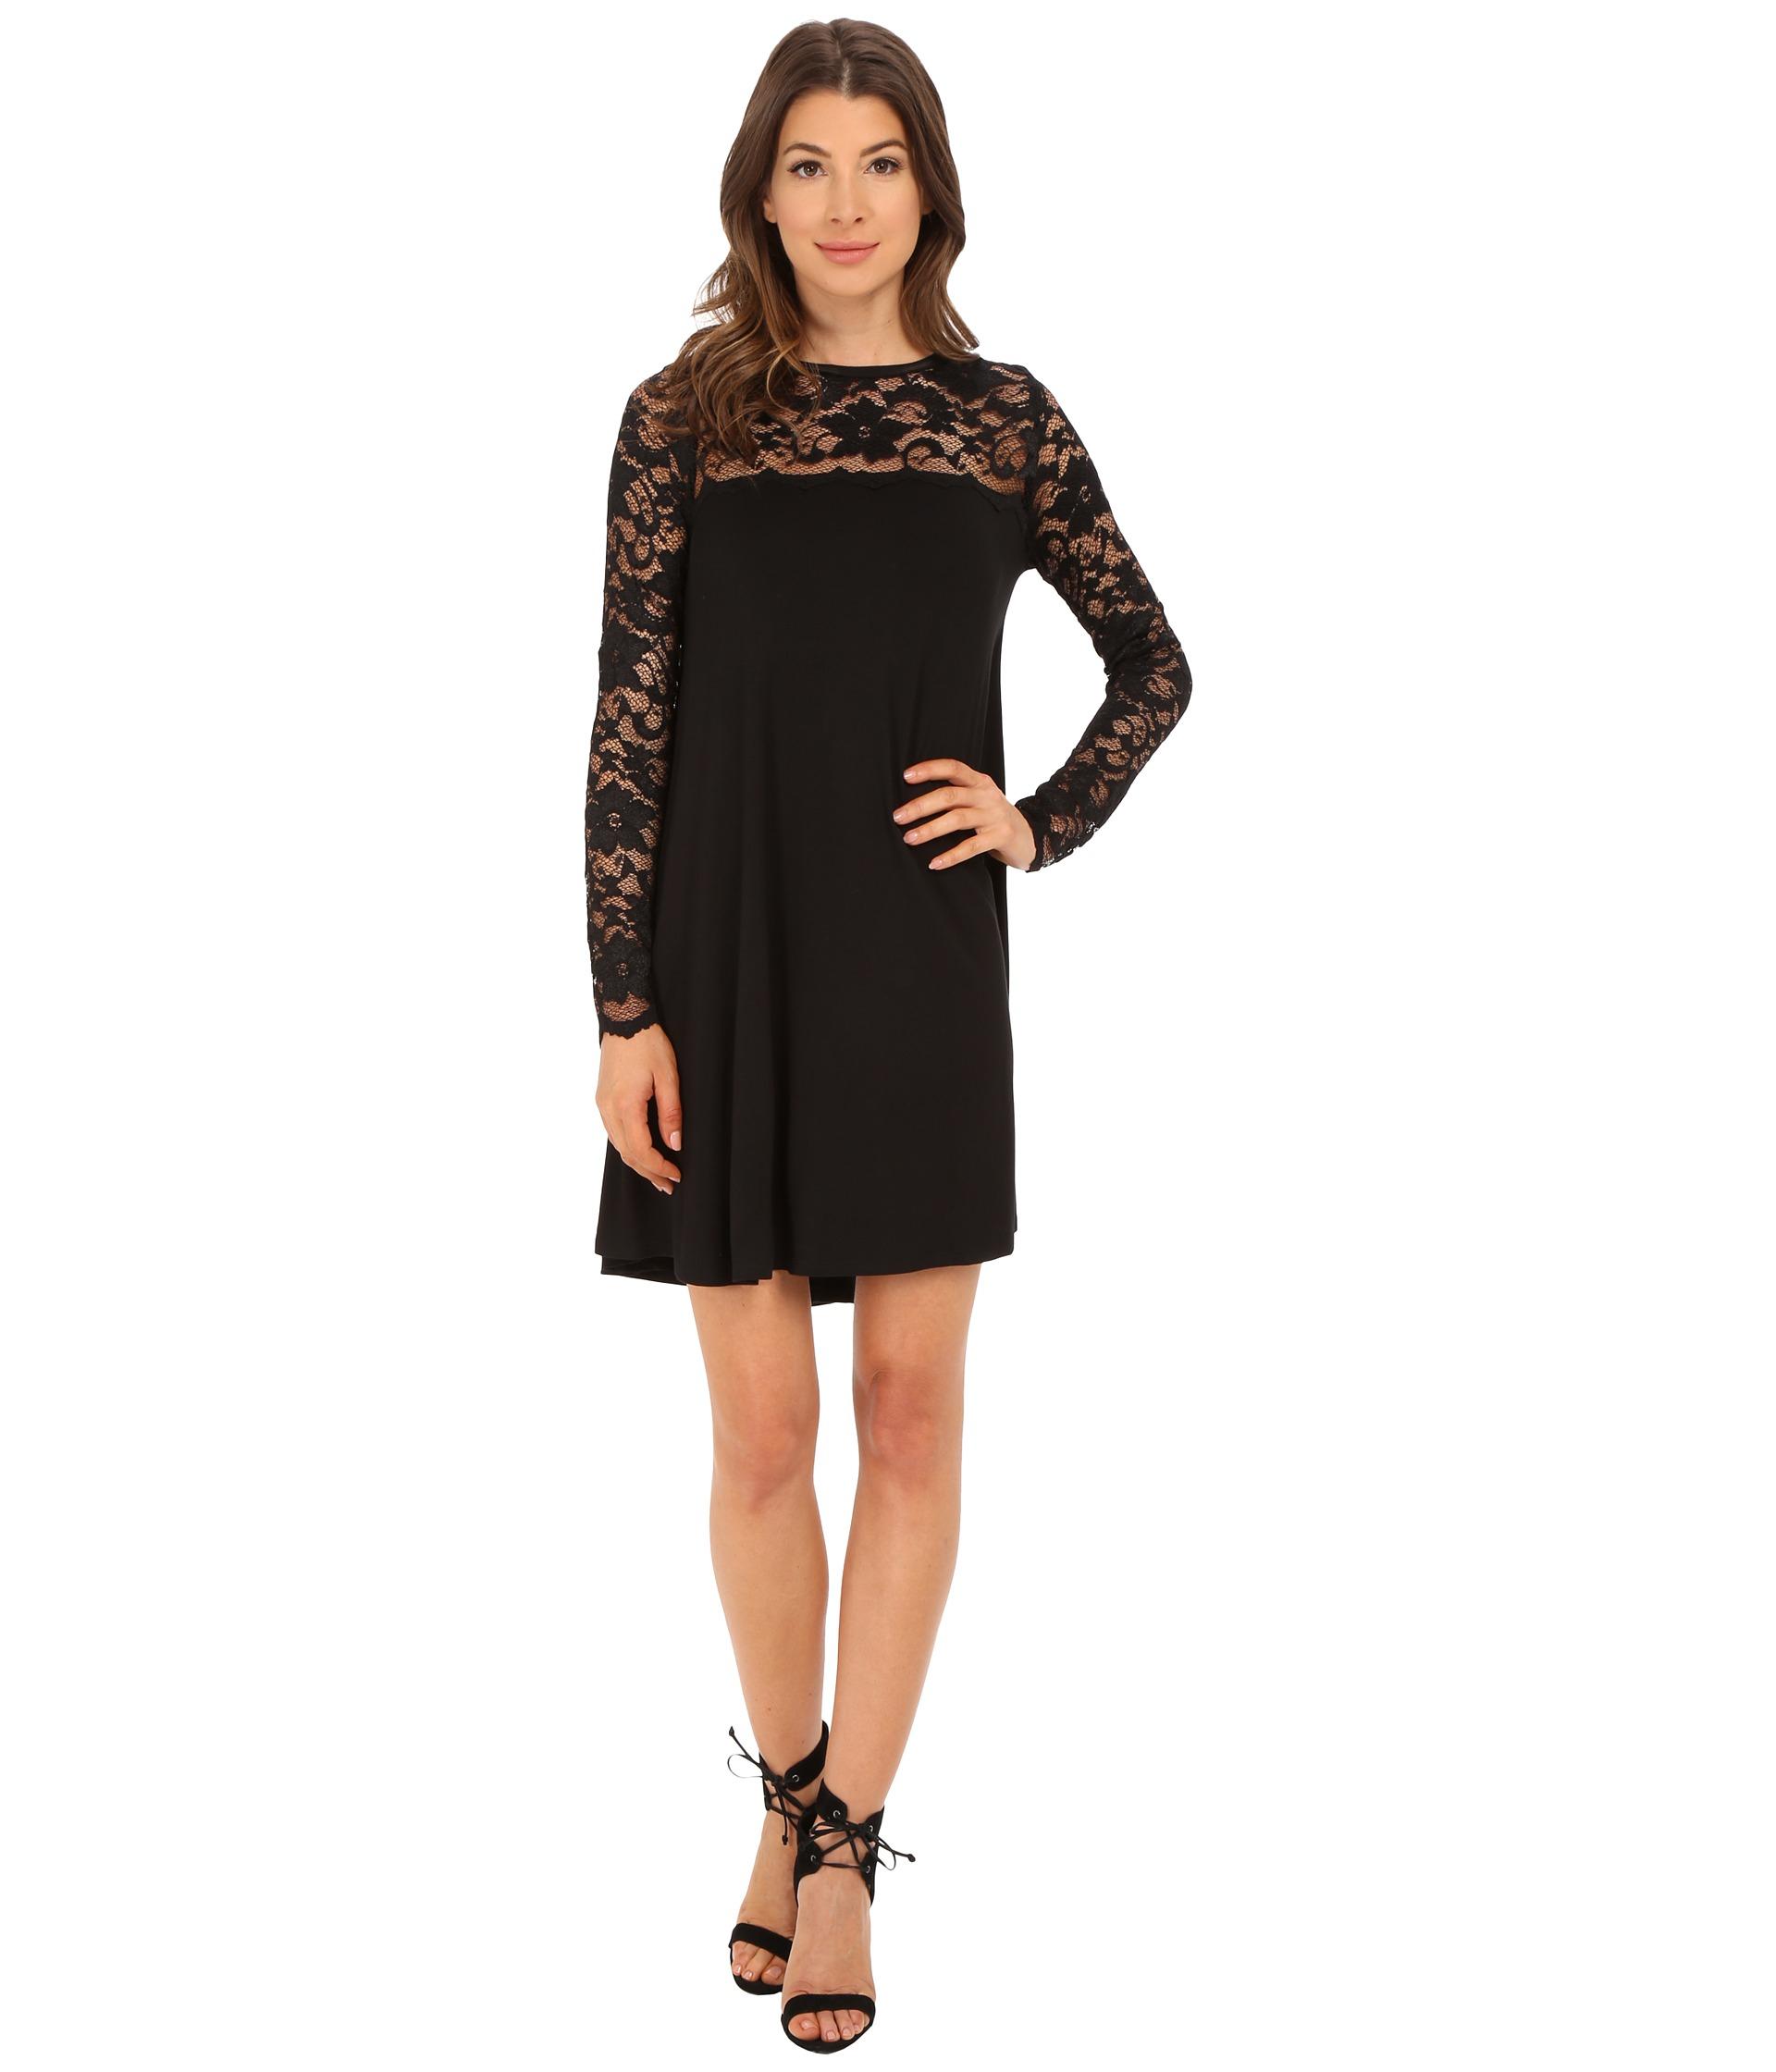 Lyst - Karen Kane Long Sleeve Lace Yoke Swing Dress in Black